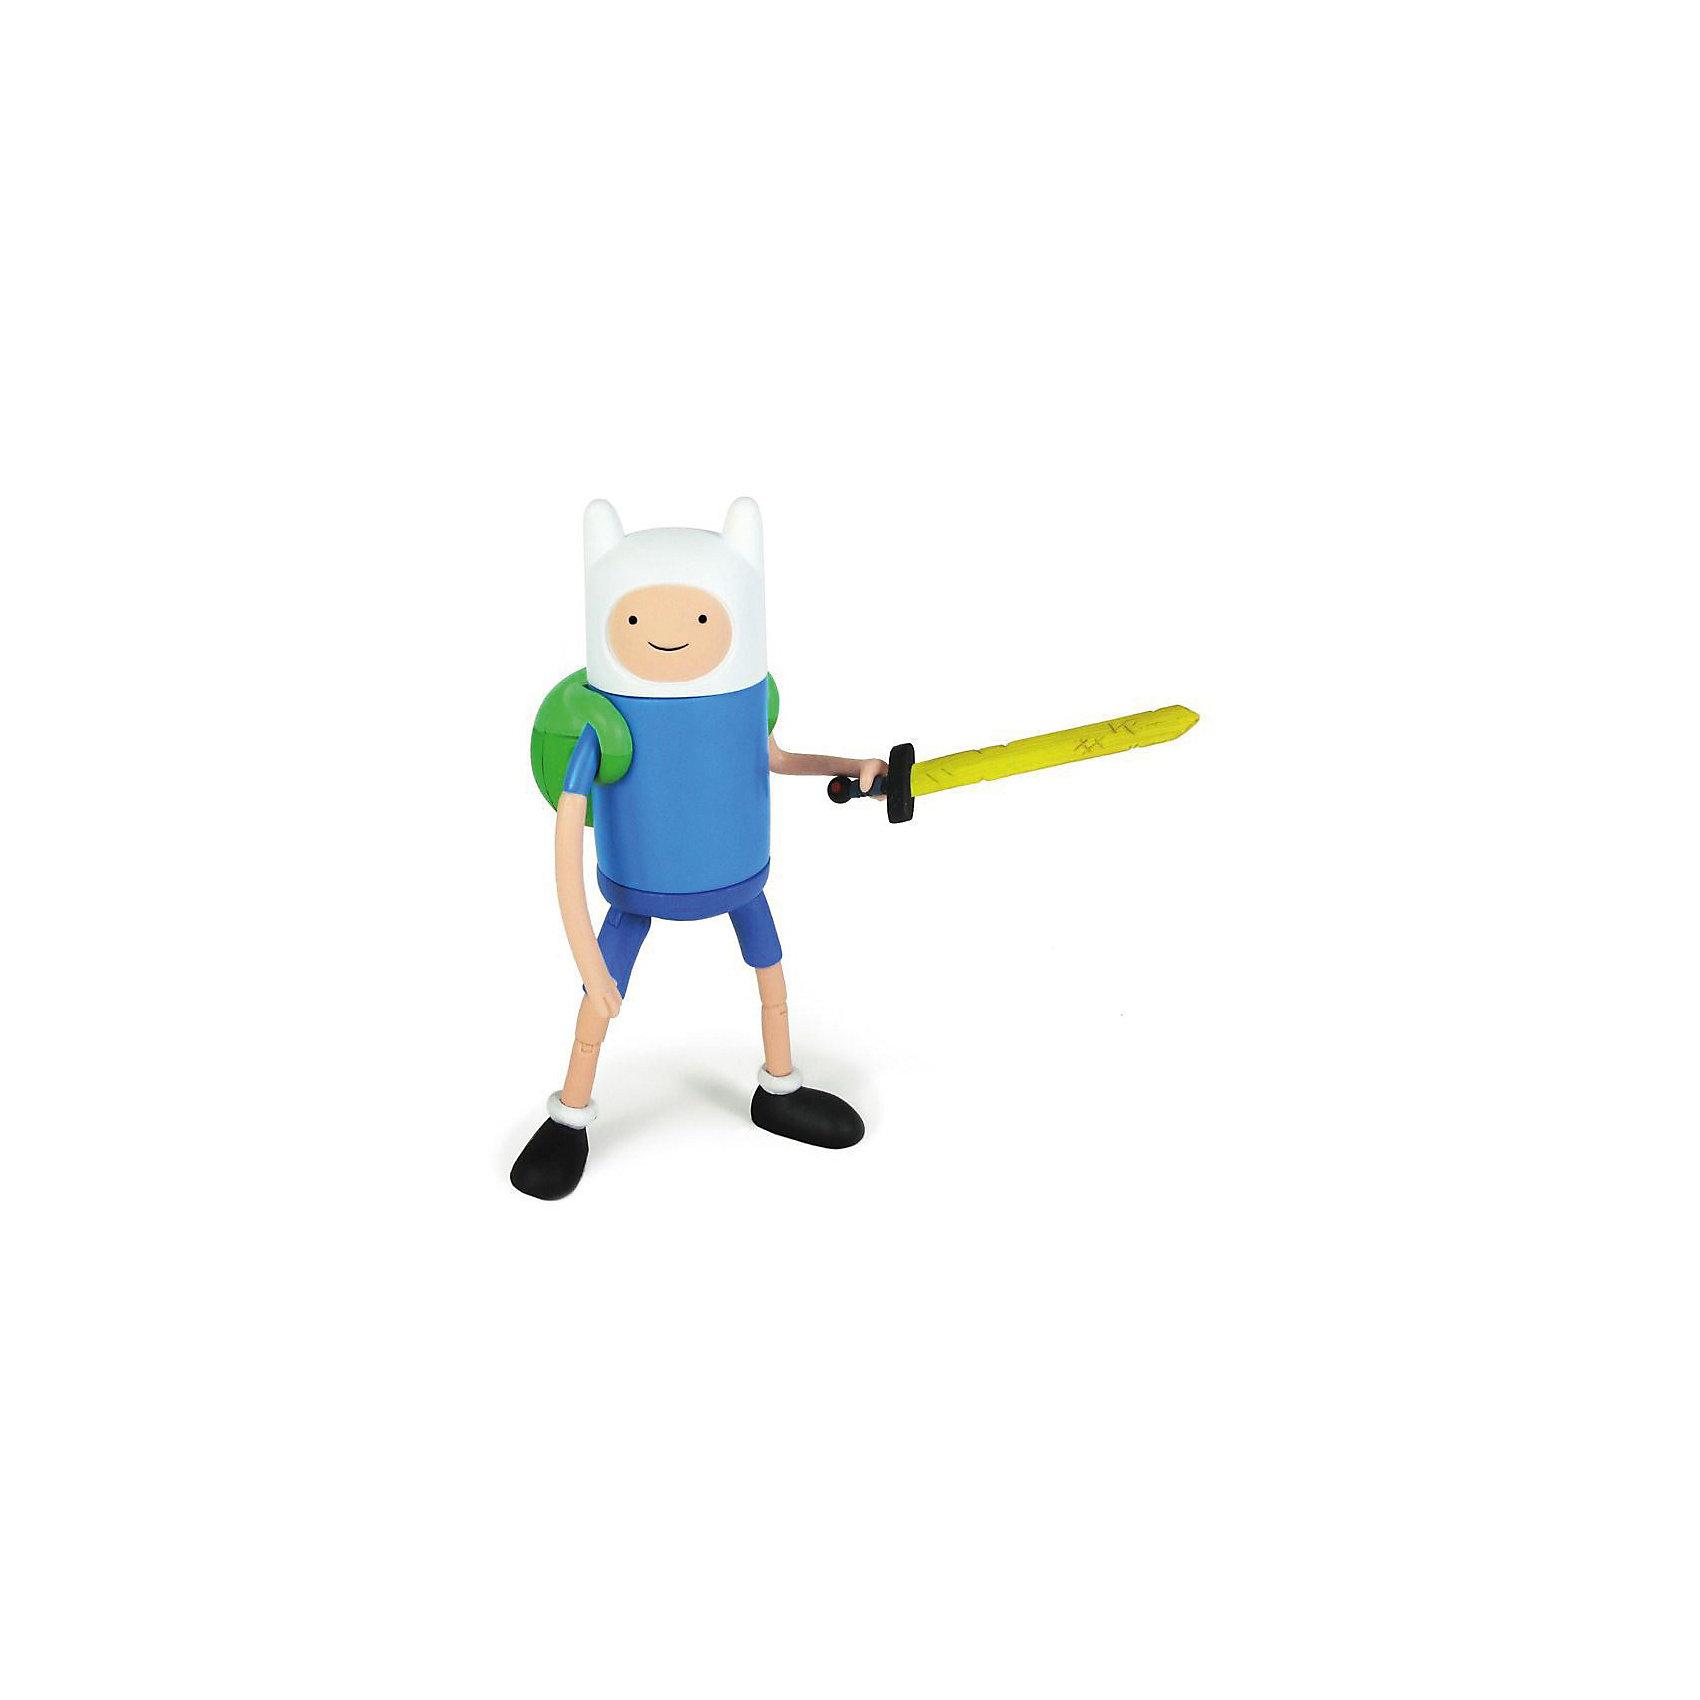 Фигурка Финн, 14 см, Время приключенийЗабавная фигурка Финна непременно понравится всем любителям мультсериала Время приключений (Adventure Time). Финн тринадцатилетний мальчик, который обожает путешествовать и спасать принцесс из лап ужасных монстров и злодеев, населяющих Землю.<br><br>Дополнительная информация:<br><br>- Материал: пластик,.<br>- Высота фигурки: 14 см. <br><br>Фигурку Финна, 14 см, Время приключений, можно купить в нашем магазине.<br><br>Ширина мм: 80<br>Глубина мм: 180<br>Высота мм: 250<br>Вес г: 250<br>Возраст от месяцев: 48<br>Возраст до месяцев: 192<br>Пол: Унисекс<br>Возраст: Детский<br>SKU: 3841369